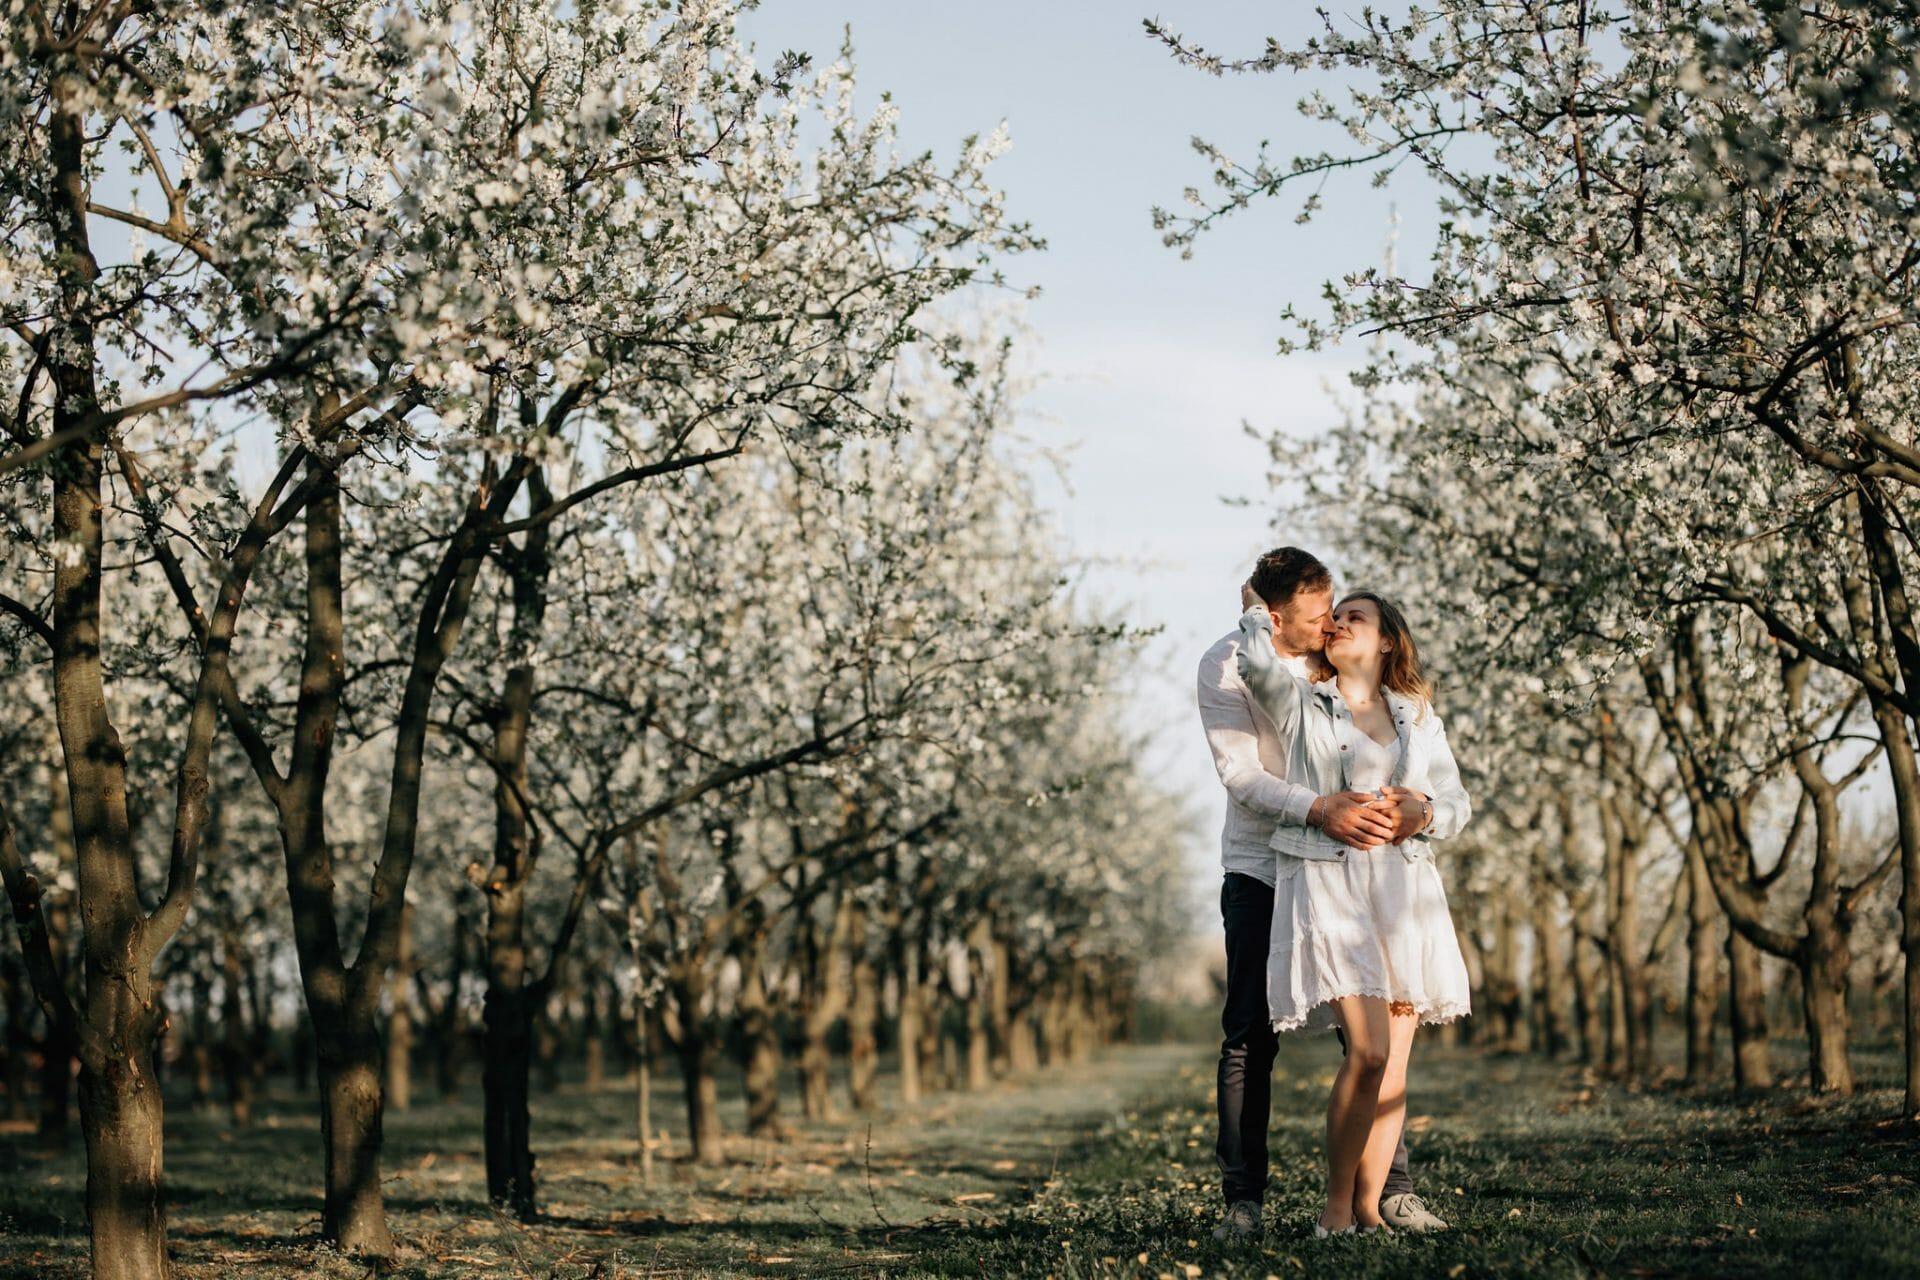 sesja zdjęciowa w sadzie owocowym